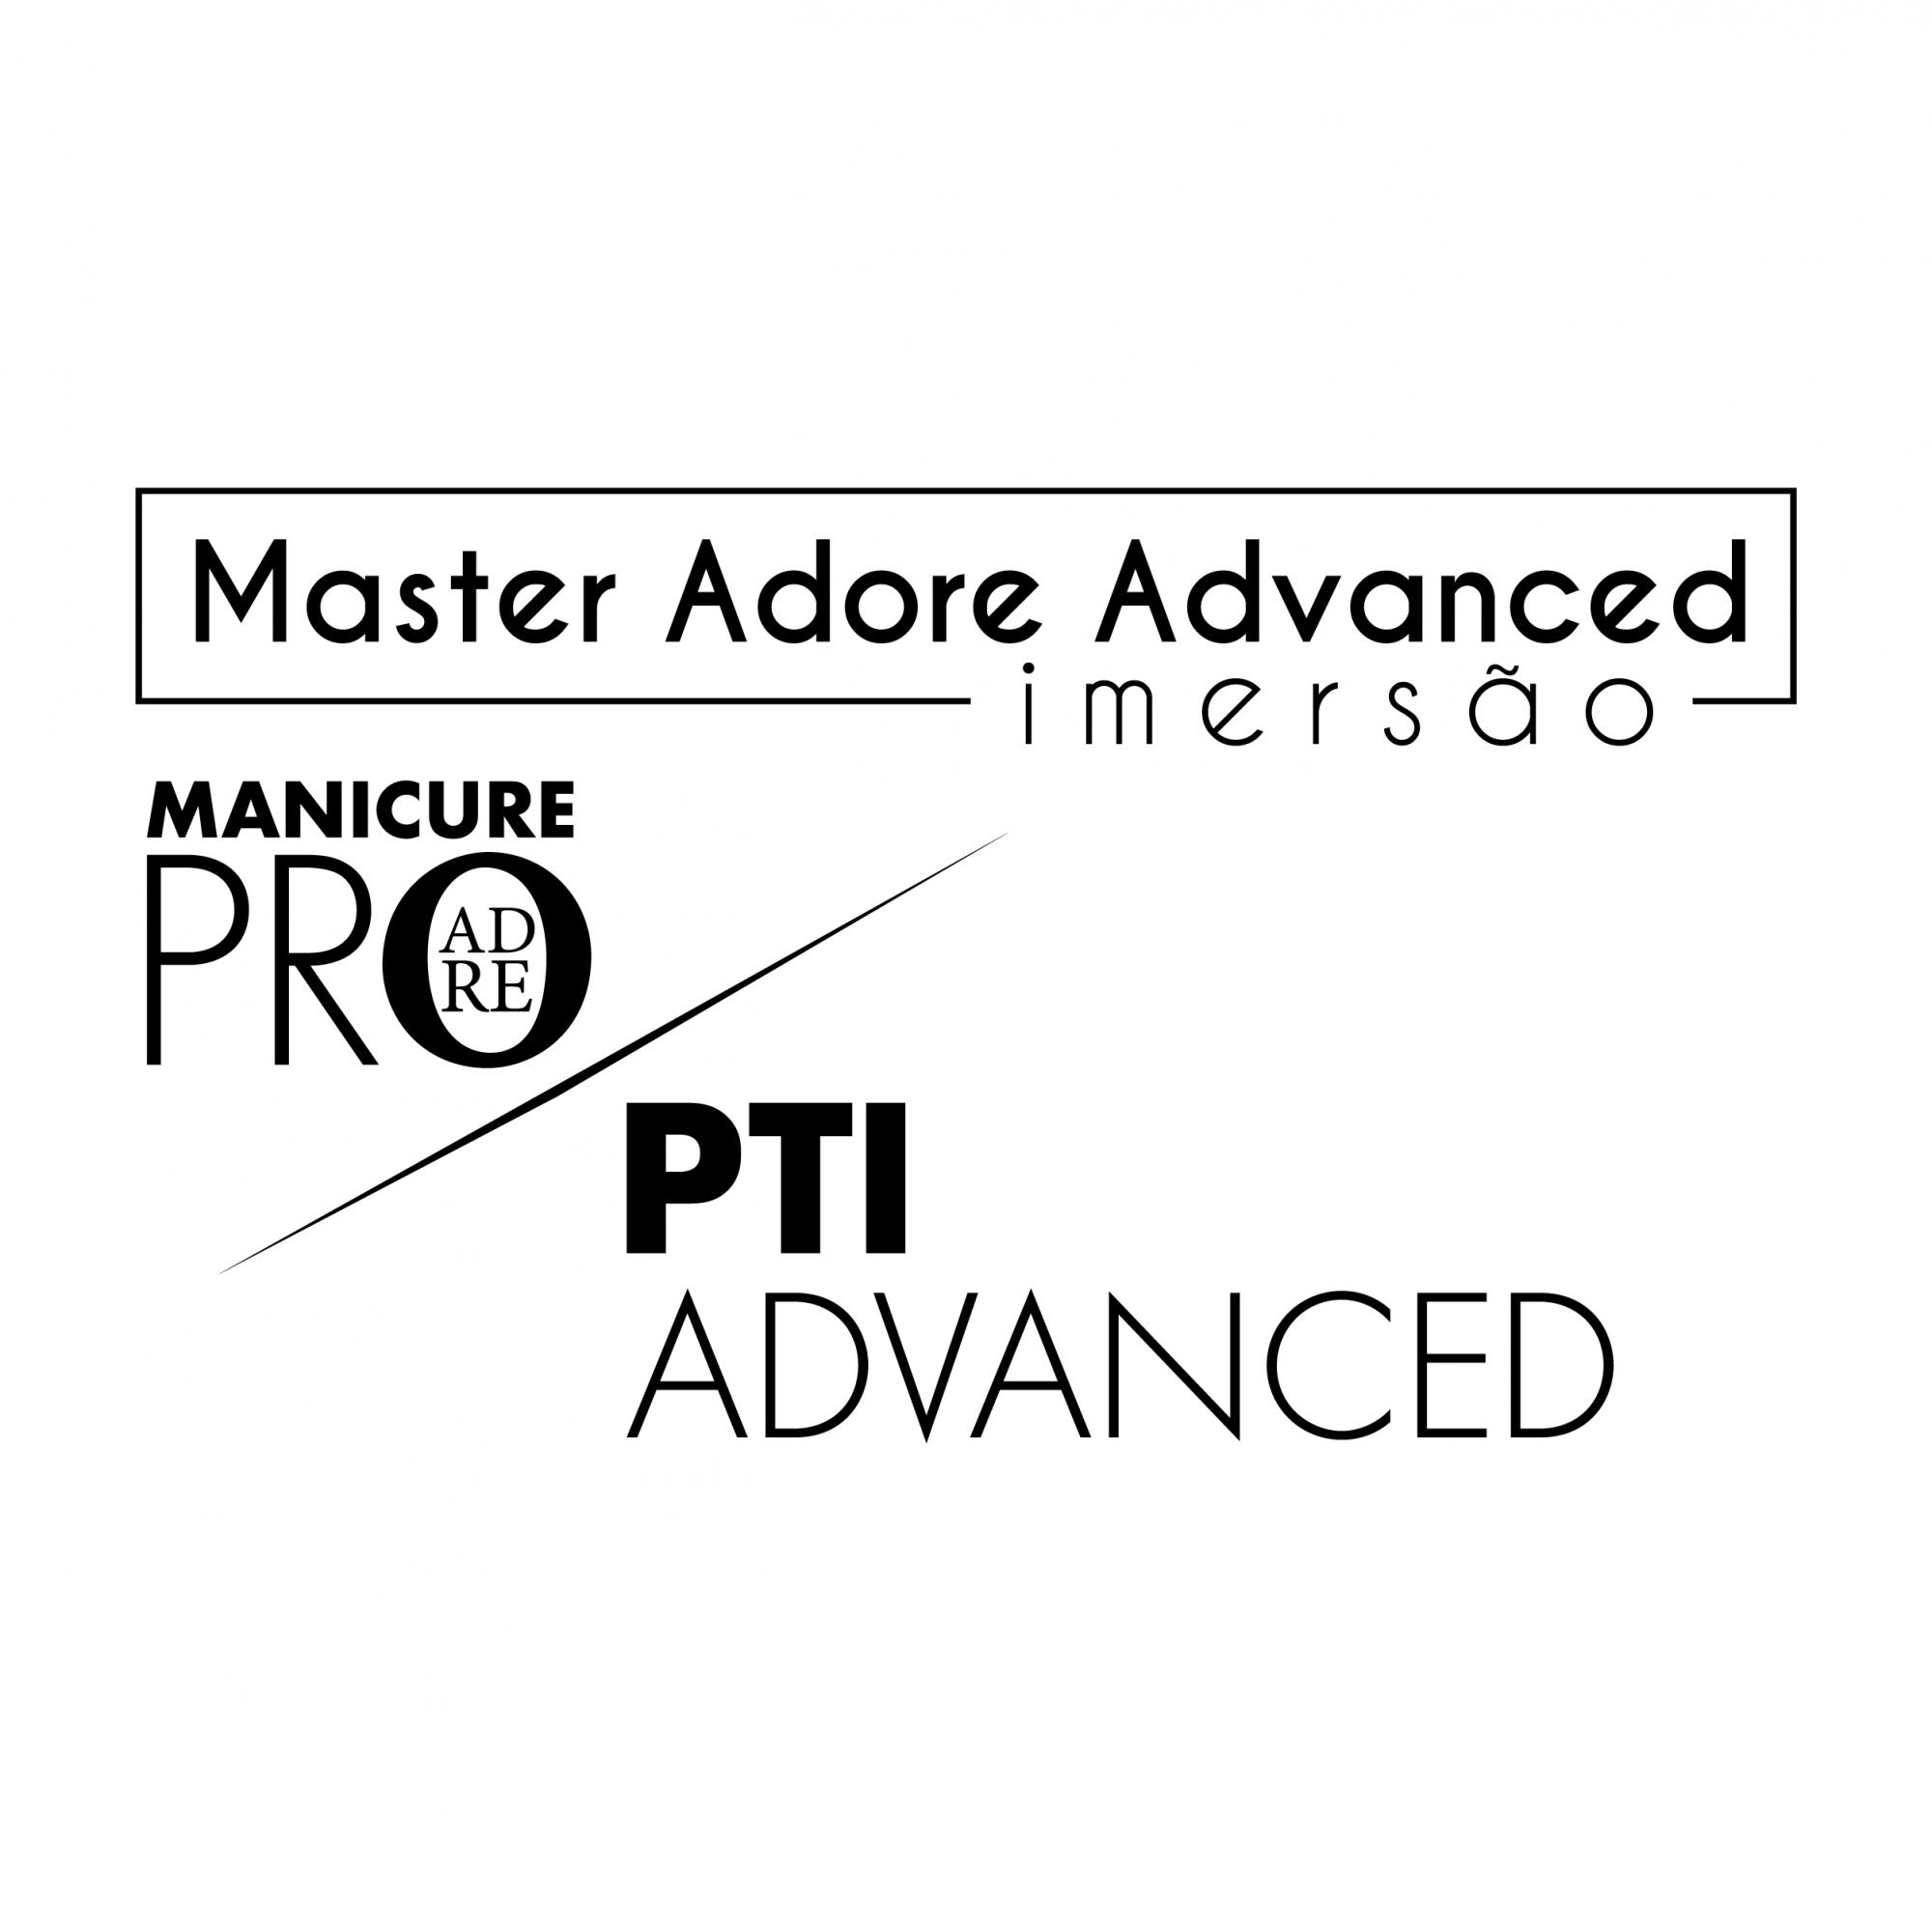 Master Adore Advanced RJ